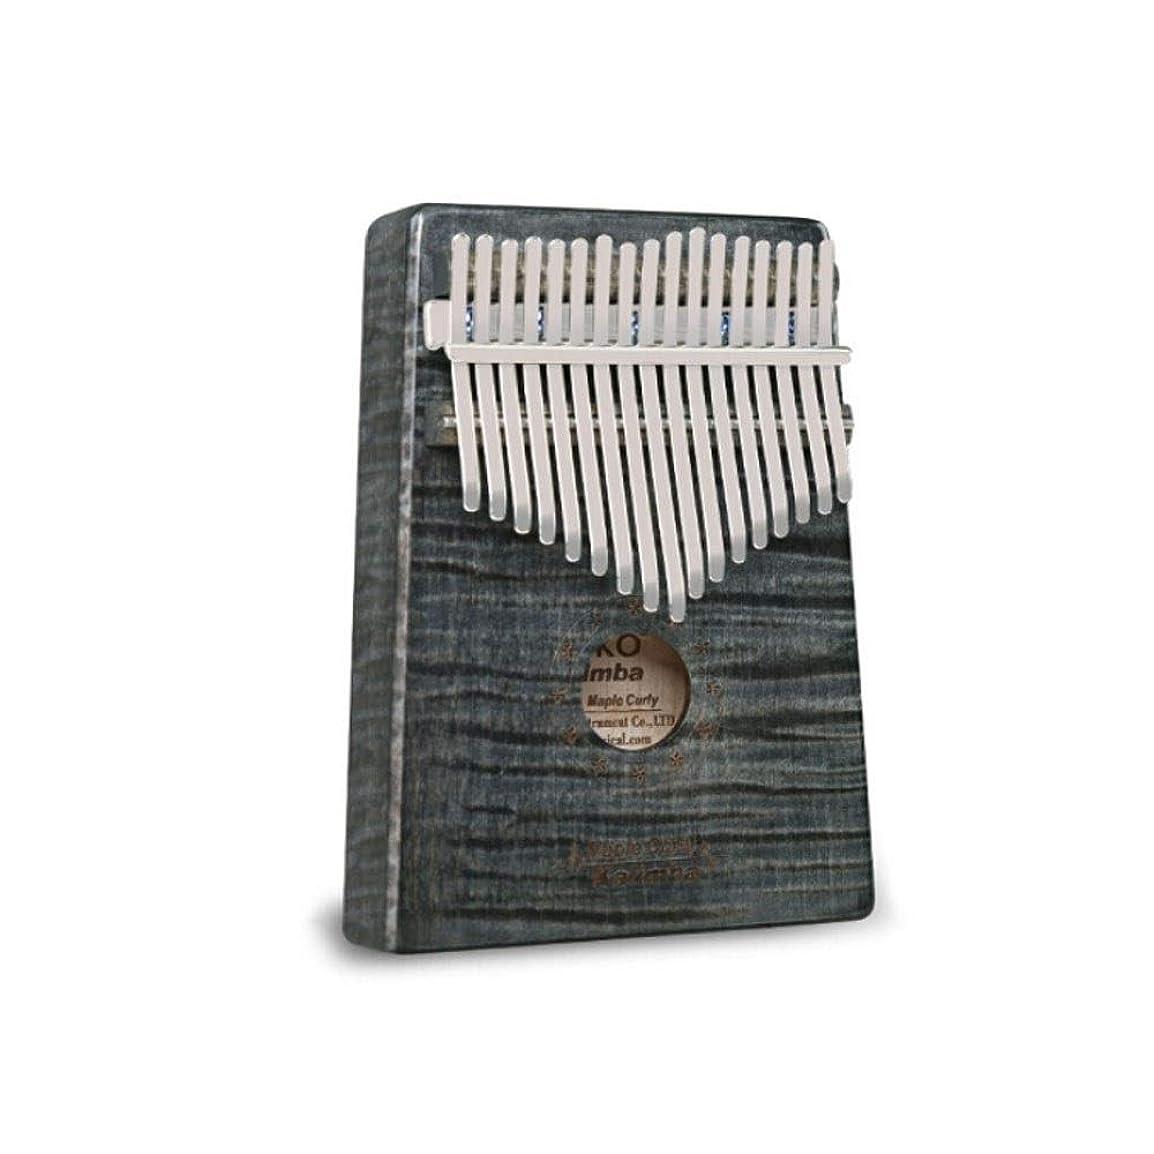 微妙キャプチャー囲まれたカリンバ、ポータブルカリンバサムピアノ、17トーンレトロデザインスタイル、最高のギフト